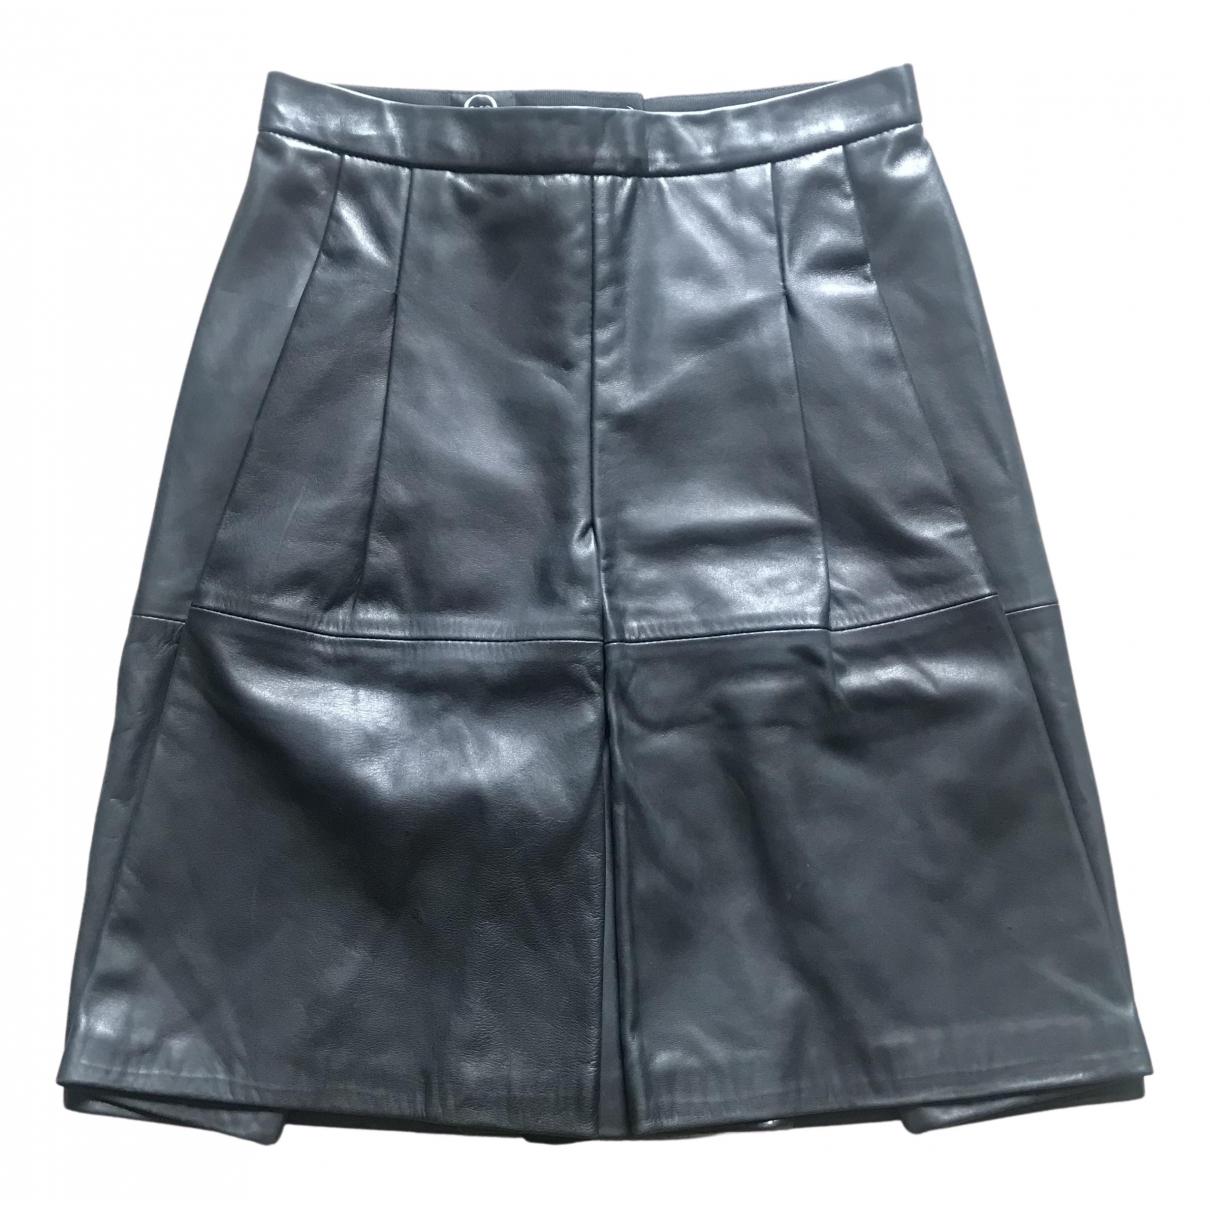 Mcq - Jupe   pour femme en cuir - noir